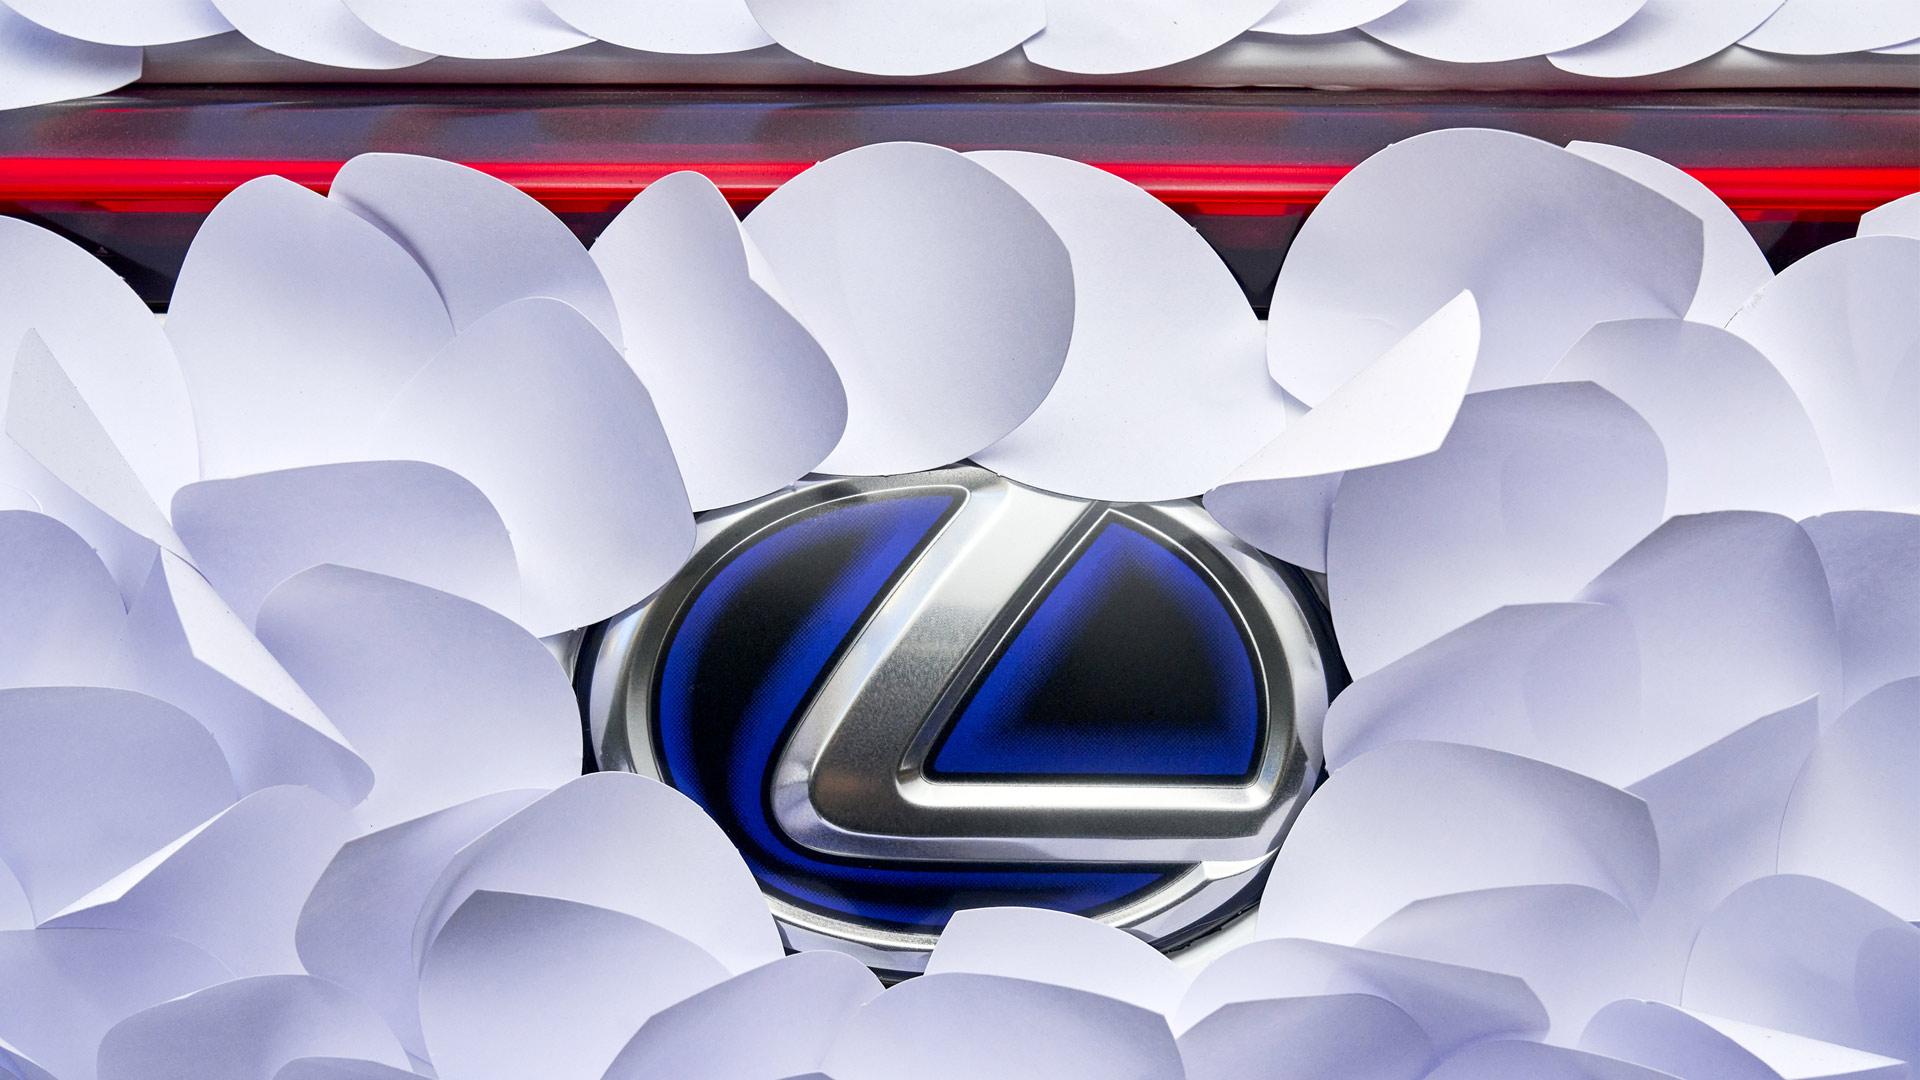 UX art car 2021 4